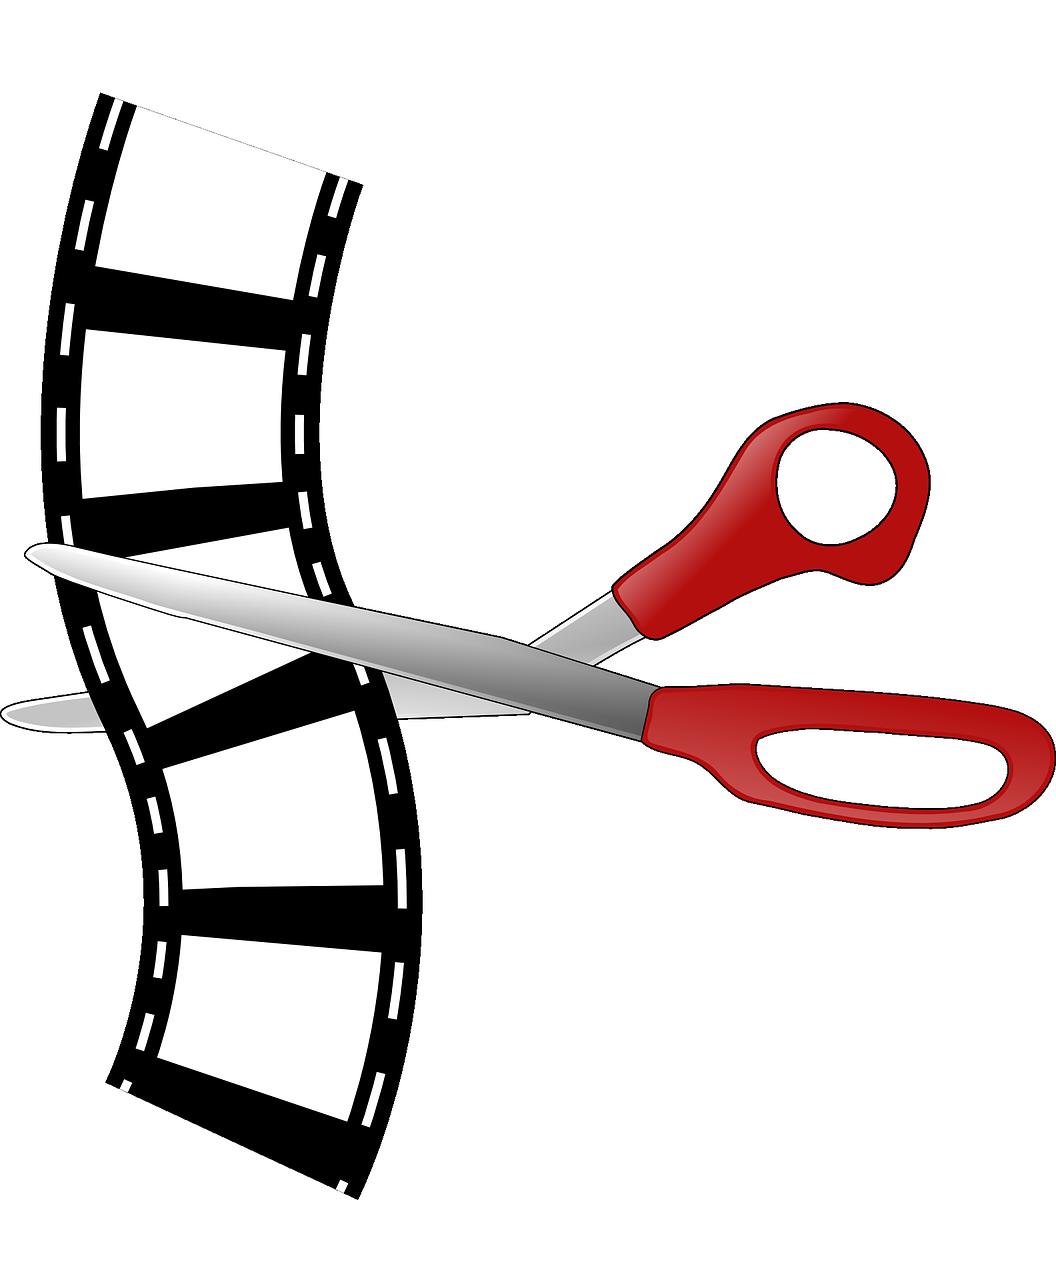 動画編集のキモ!カット編集の上手なやり方